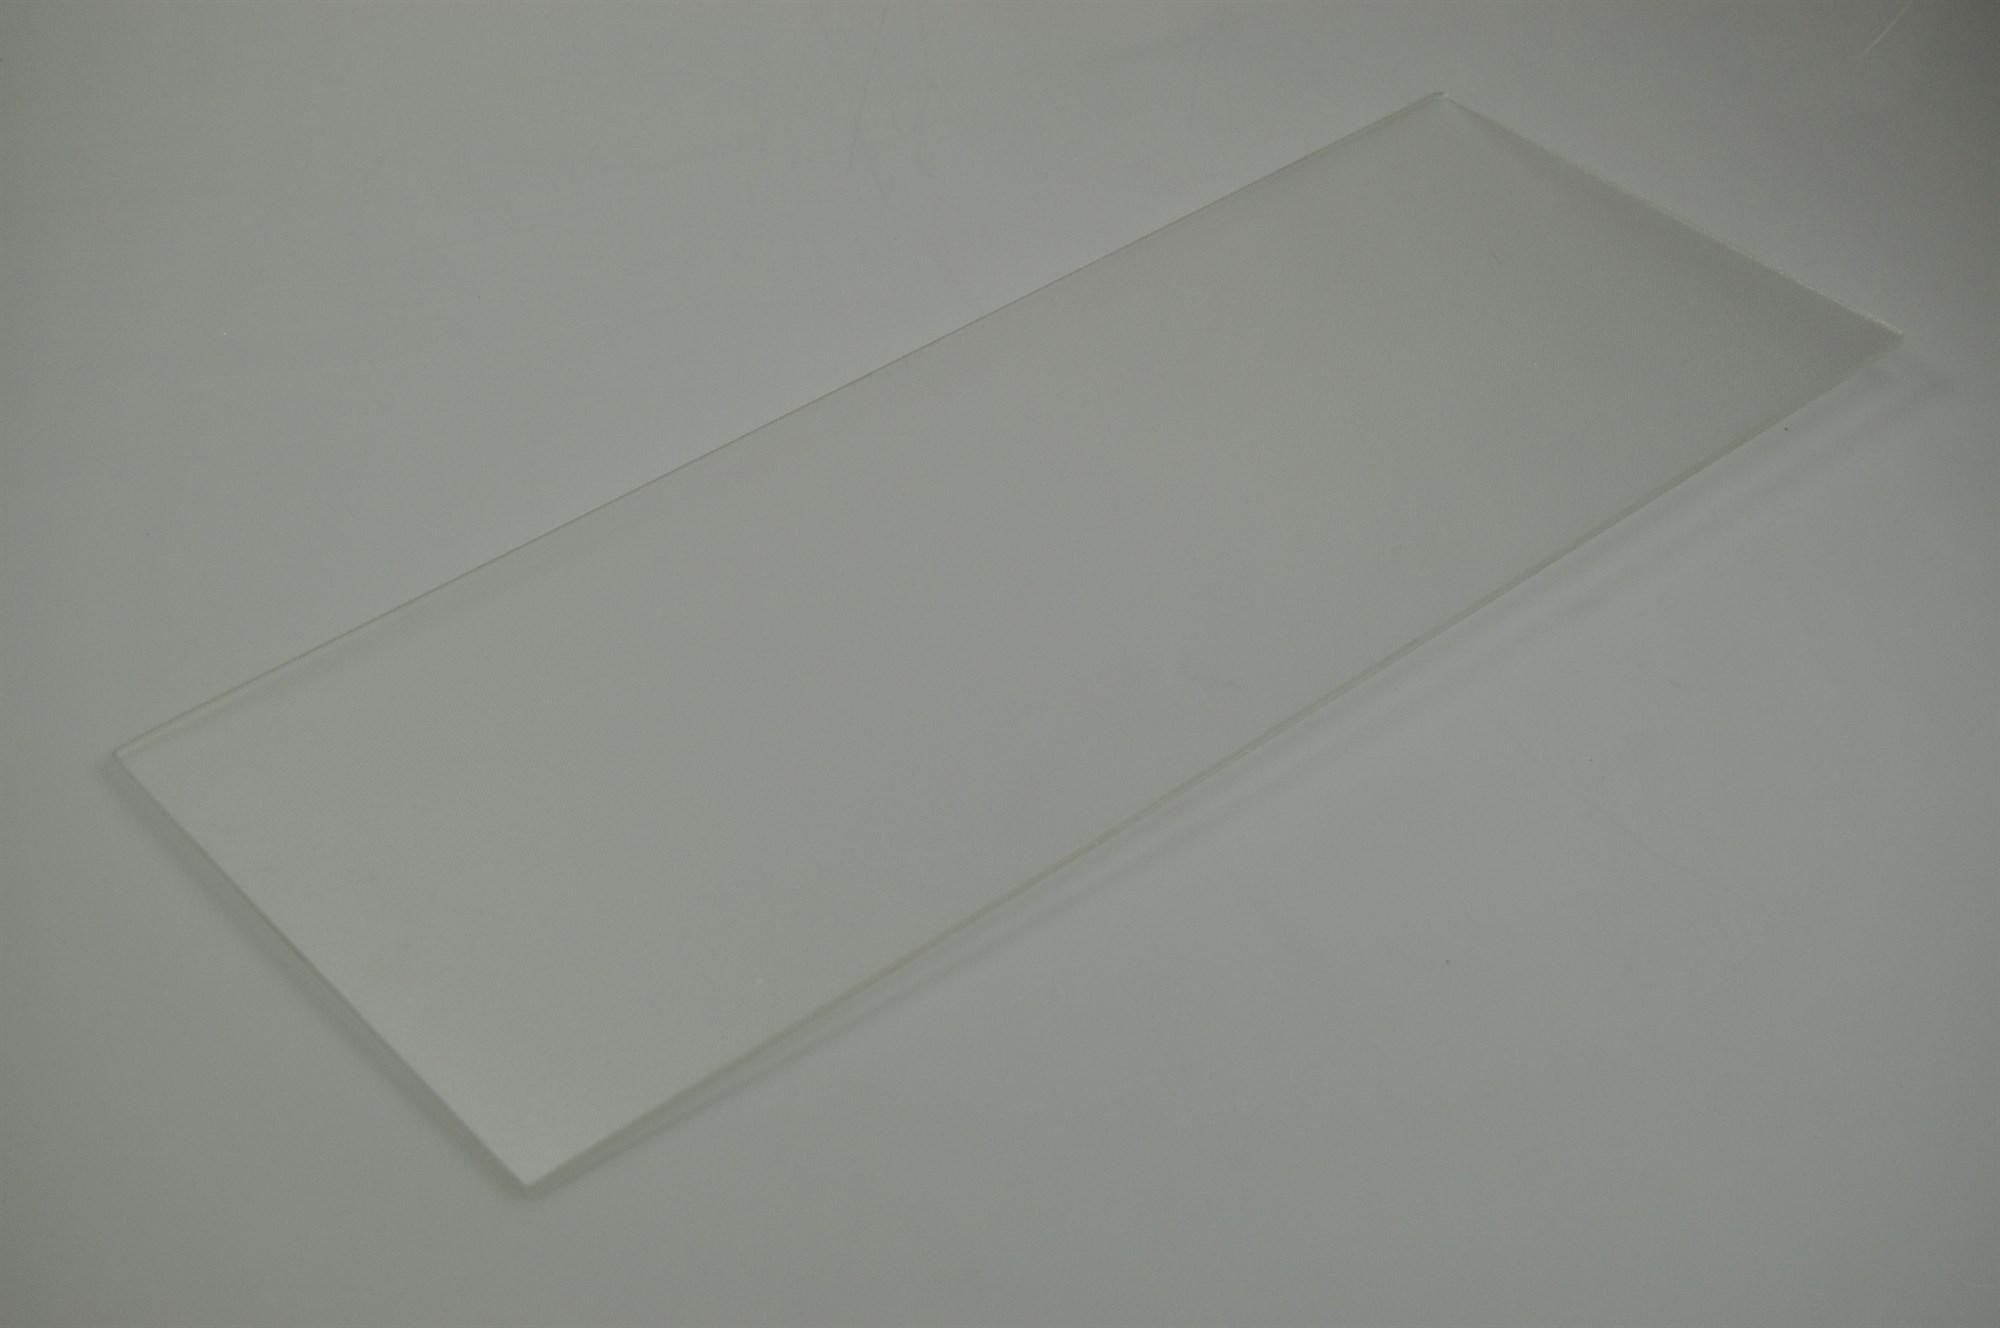 glasplatte smeg k hl gefrierschrank 4 mm x 526 mm x 205 mm ber der gem seschublade. Black Bedroom Furniture Sets. Home Design Ideas